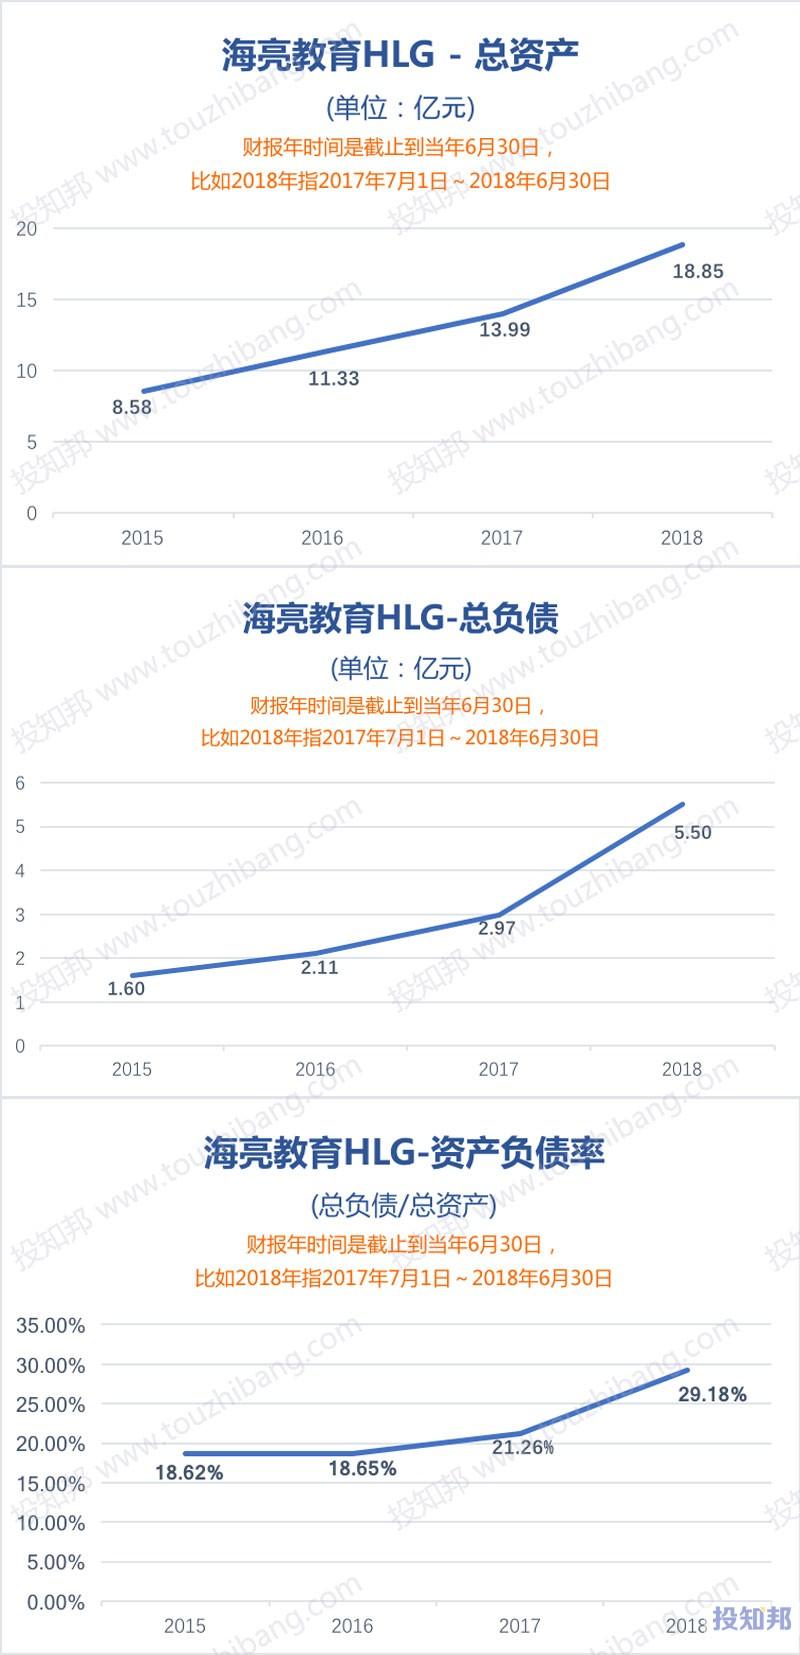 图解海亮教育(HLG)财报数据(以人民币计,2015年至今)